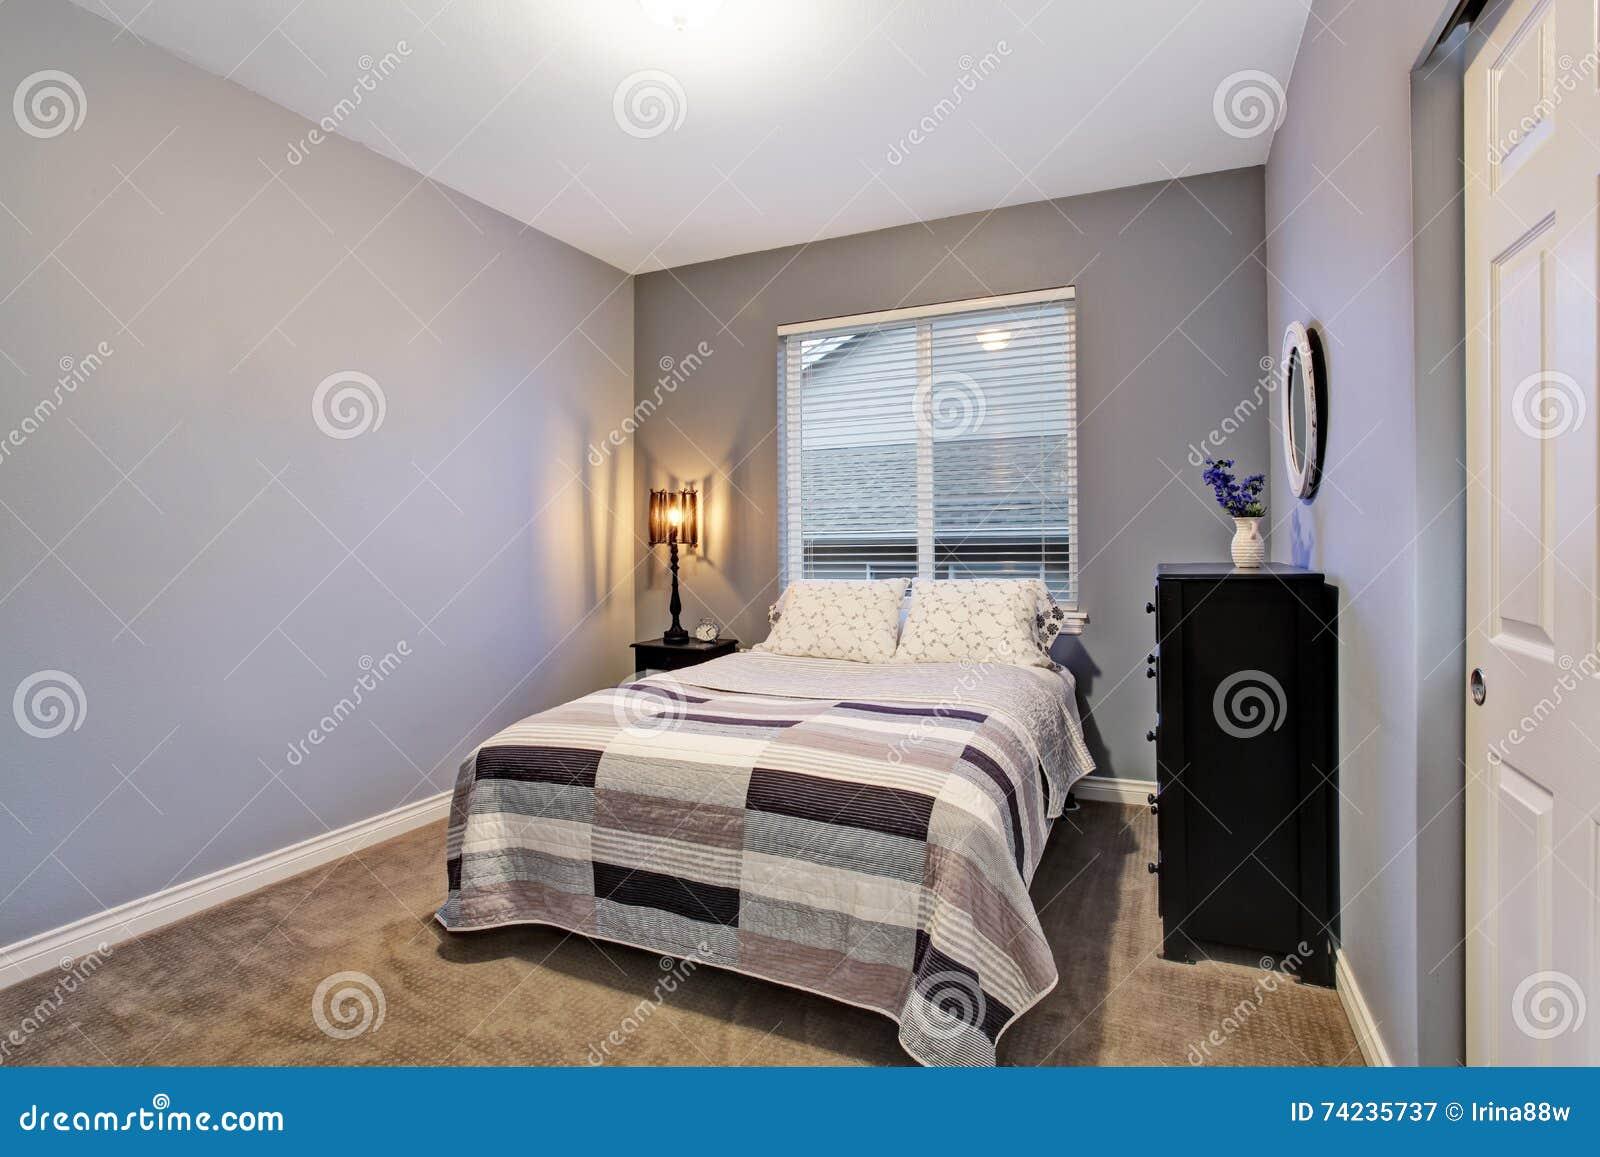 Graues Einfaches Schlafzimmer Mit Großem Bett, Großes Fenster ...